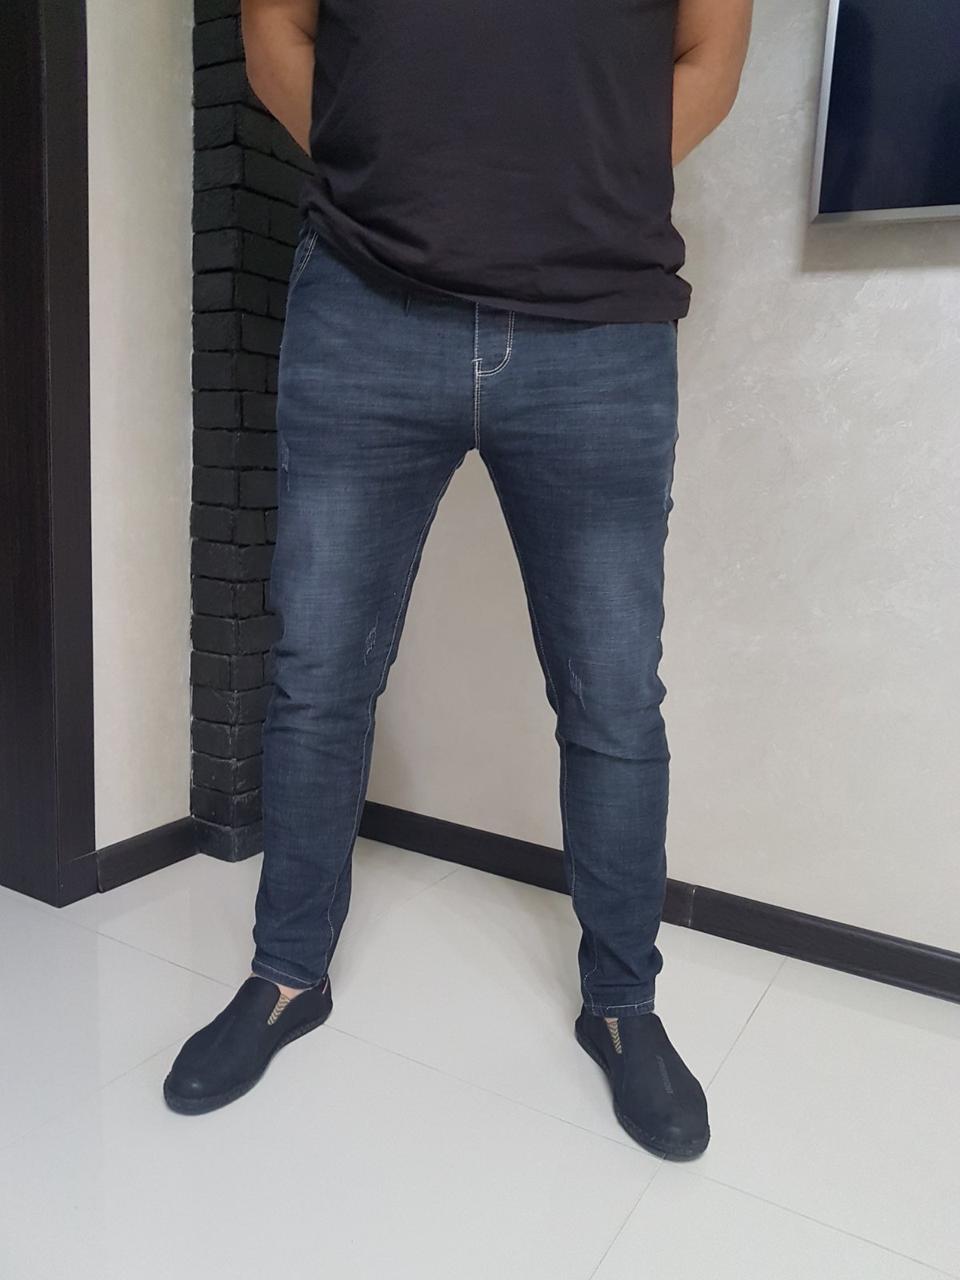 Мужские джинсы сильный стрейч